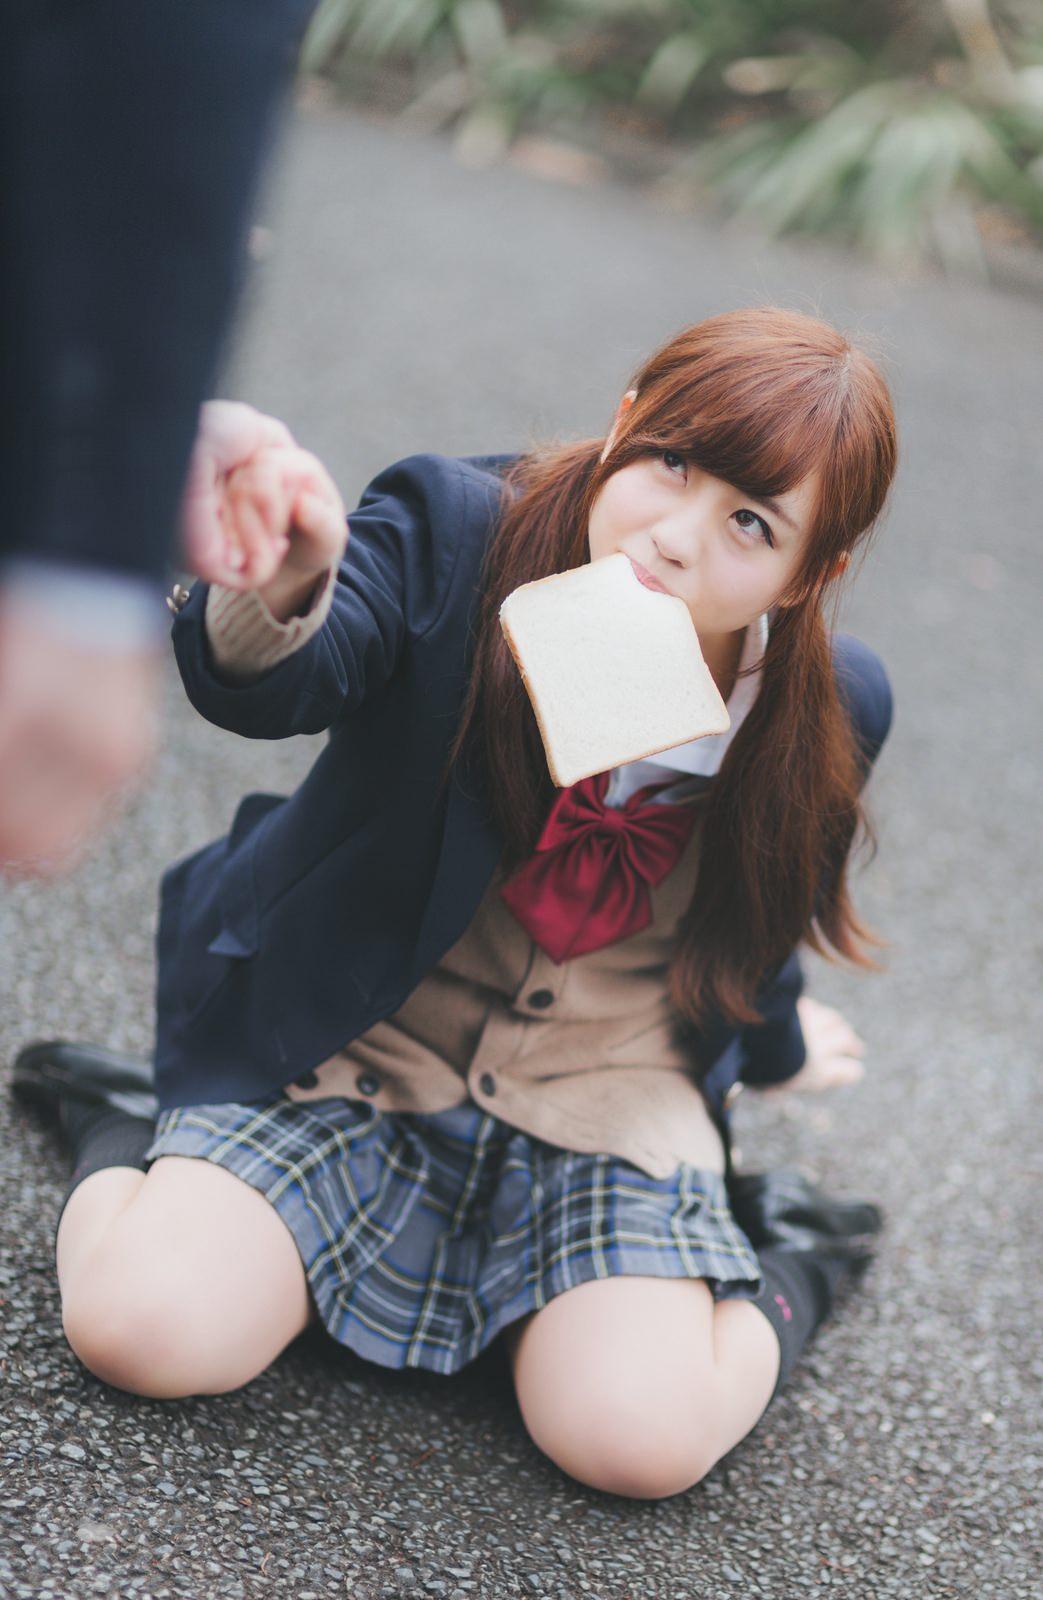 食パンを咥えた女子高生とぶつかるレアなケース食パンを咥えた女子高生とぶつかるレアなケース [モデル:河村友歌]